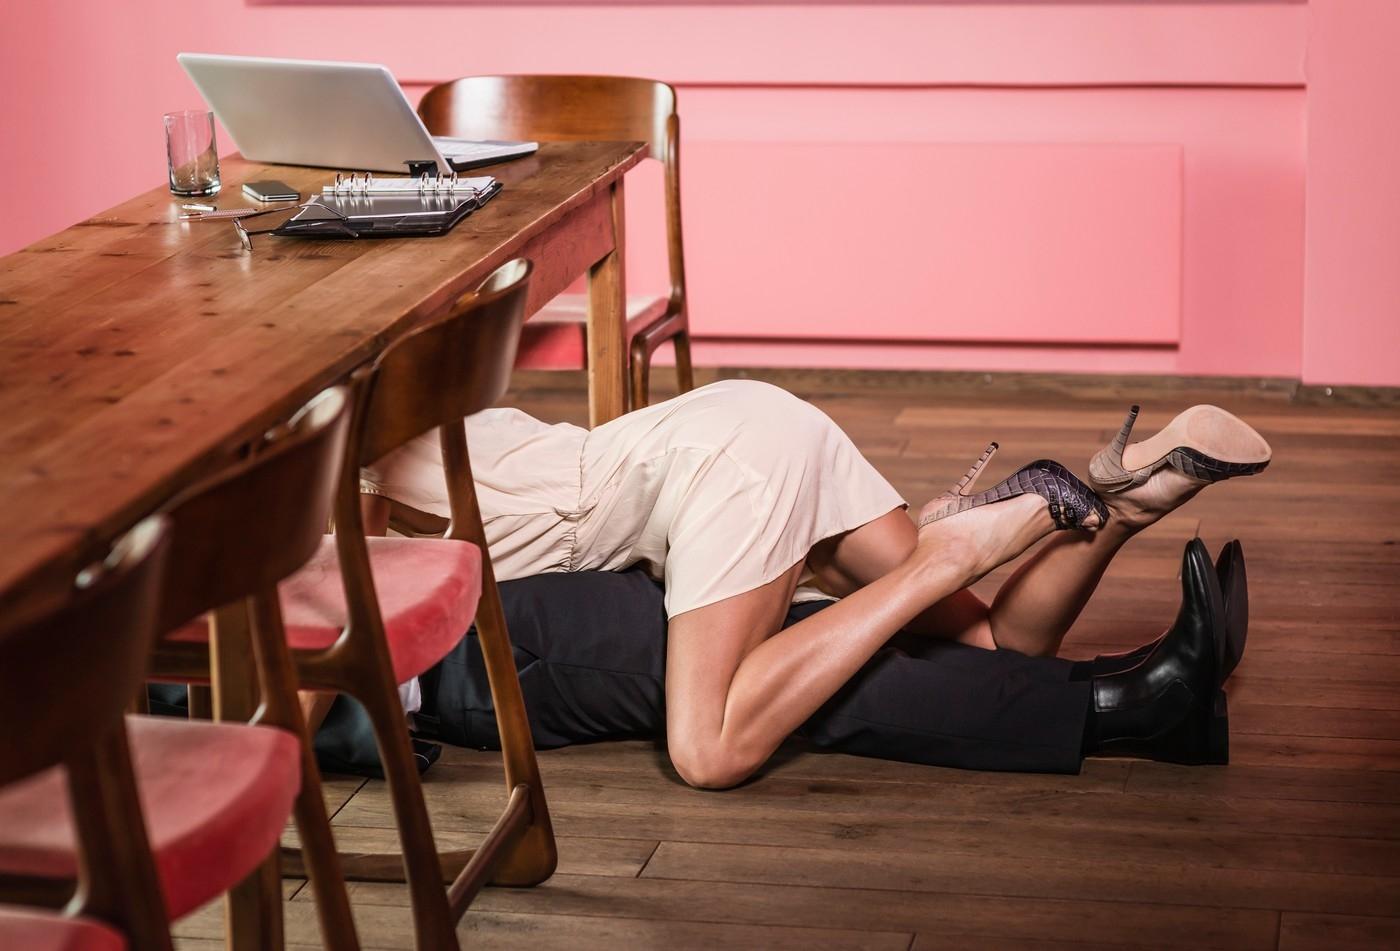 Пьяный голый офис онлайн, Порно с пьяными онлайн, секс по пьяни на 24 видео 6 фотография